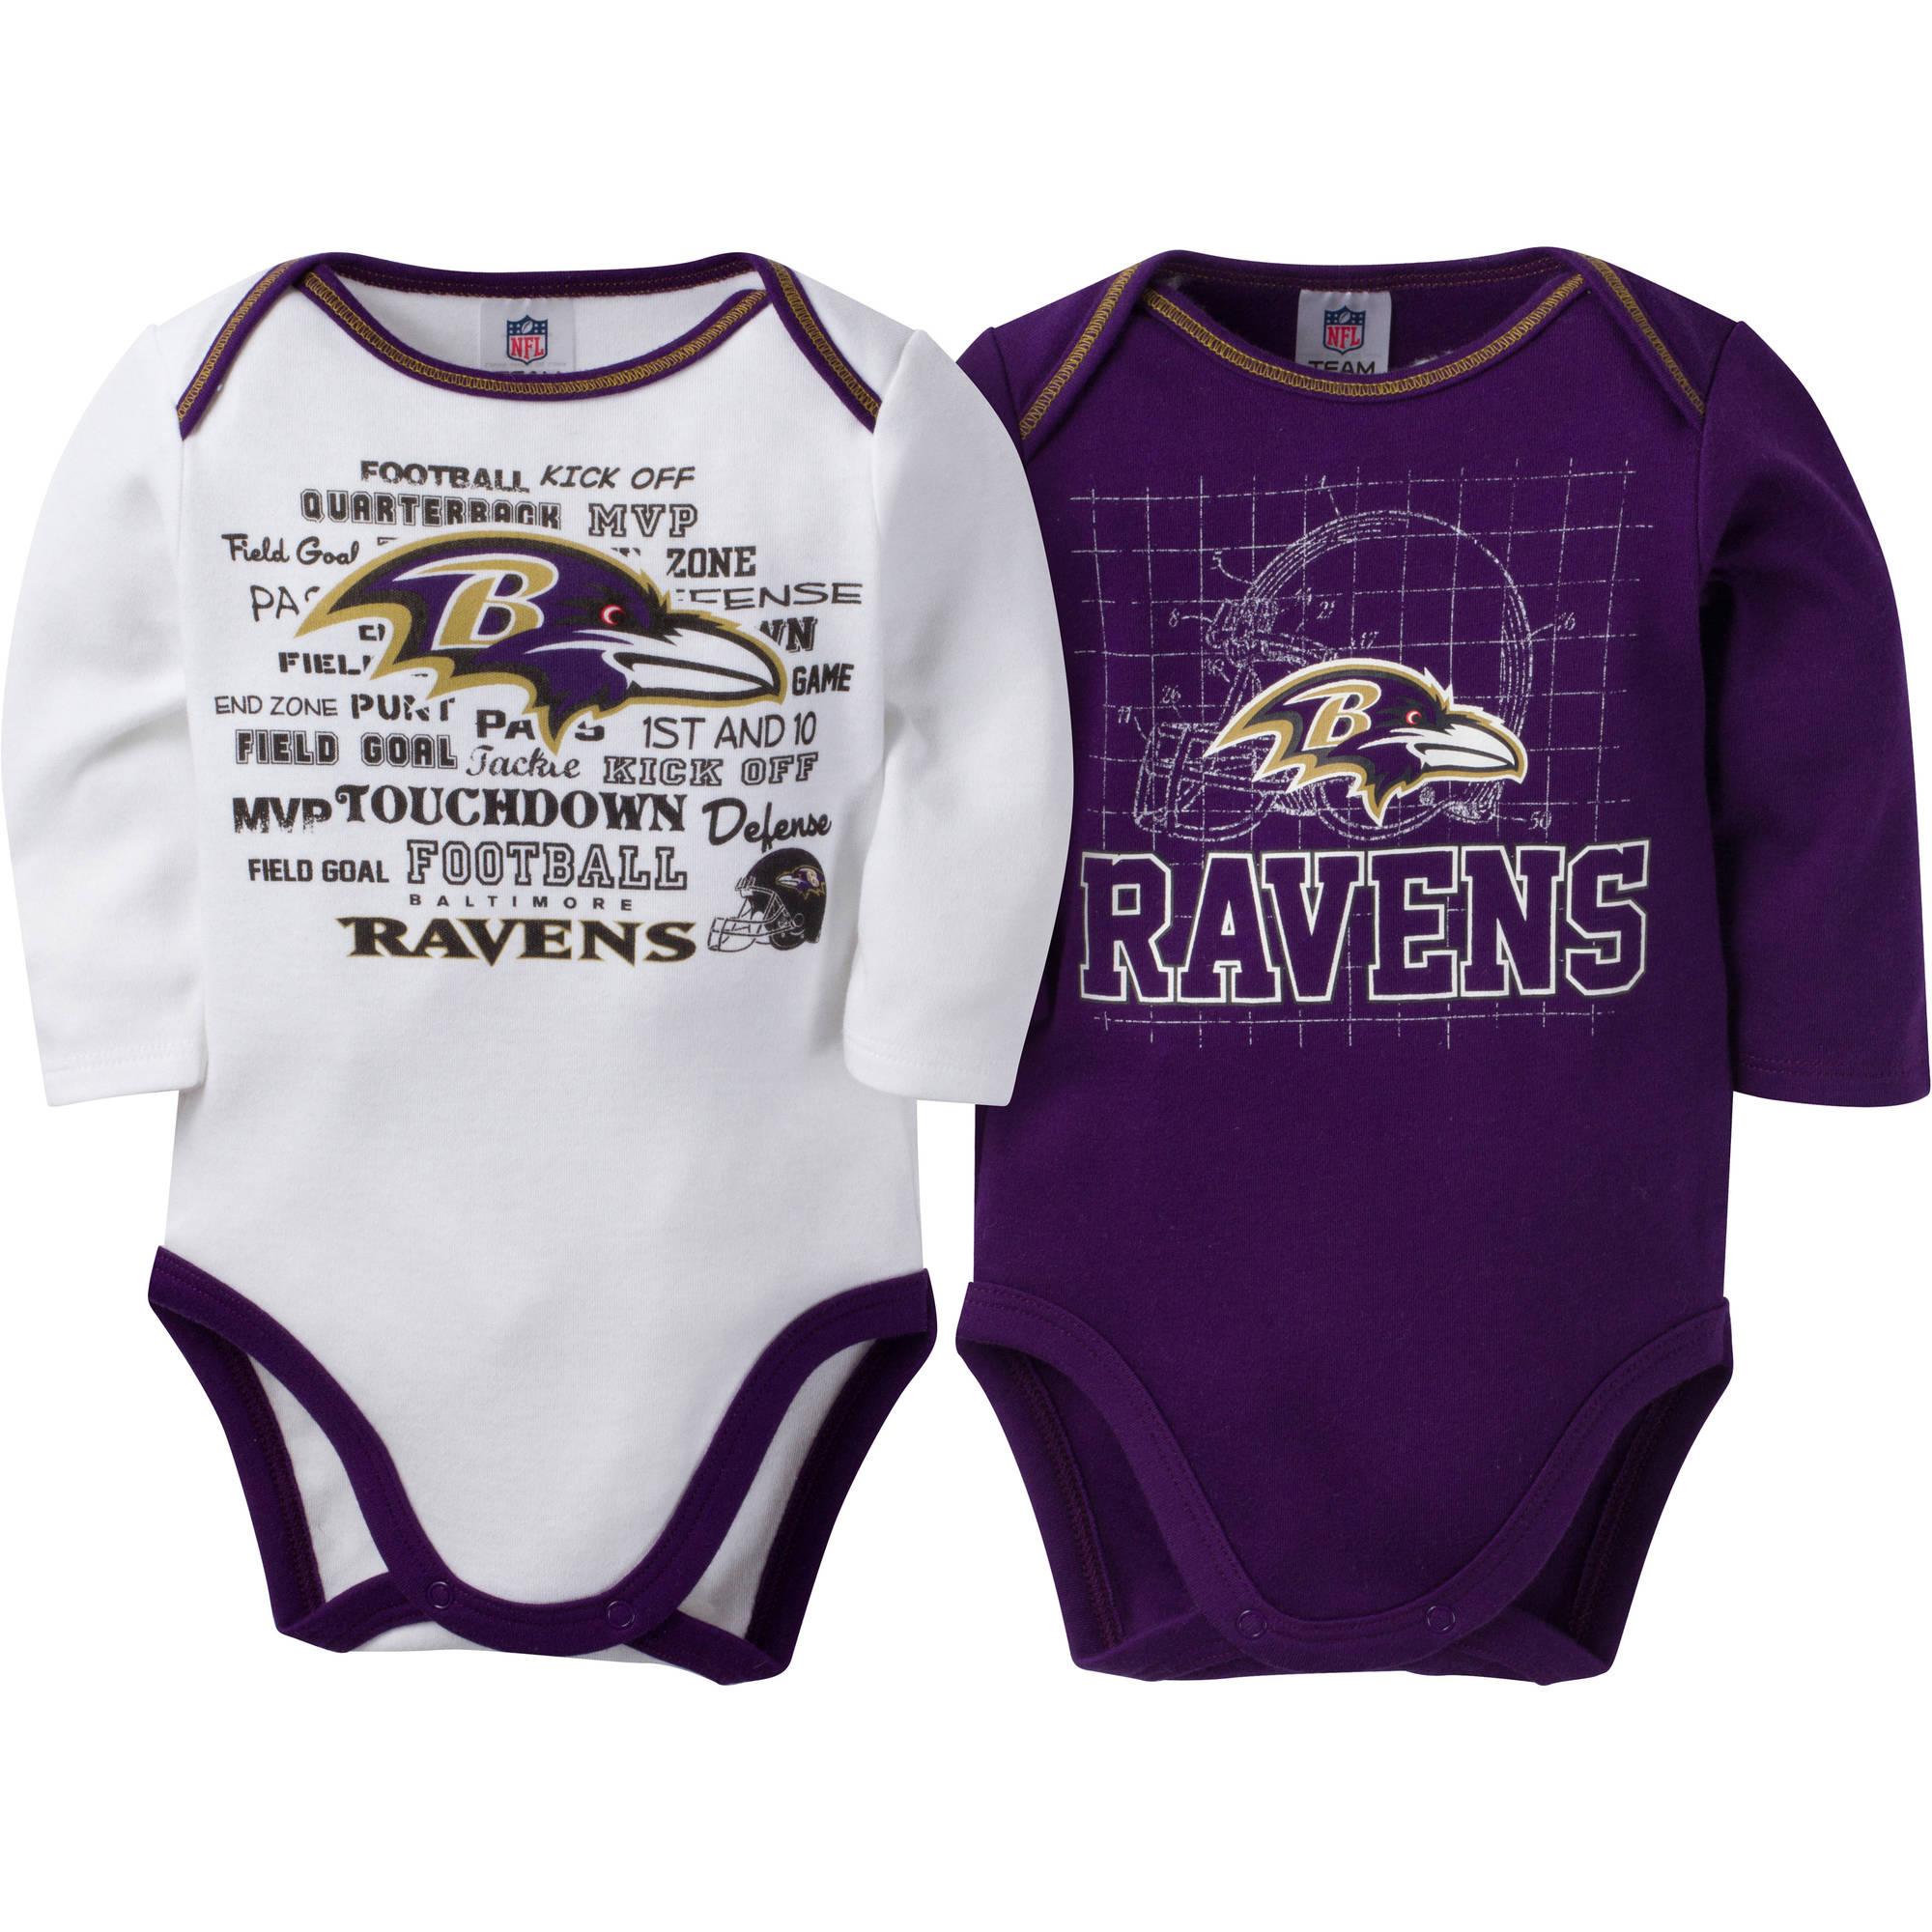 NFL Baltimore Ravens Baby Boys Long Sleeve Bodysuit Set, 2-Pack